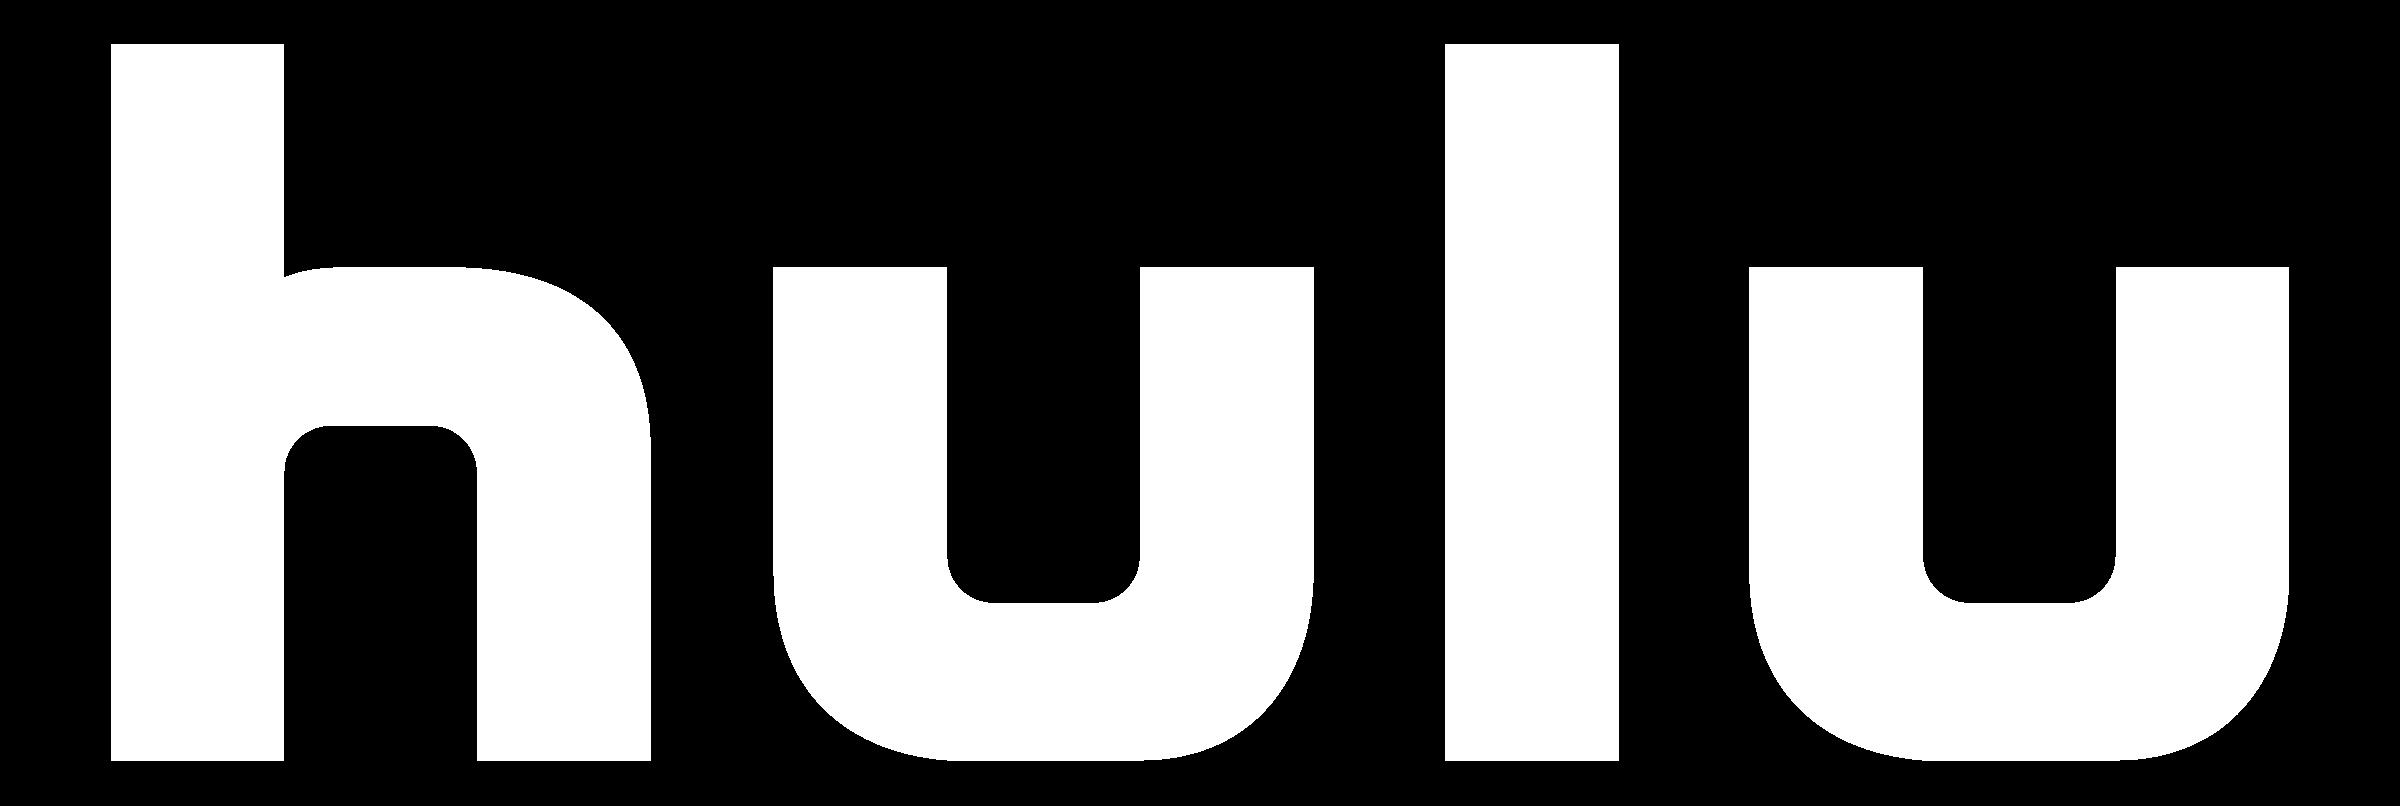 Hulu white logo